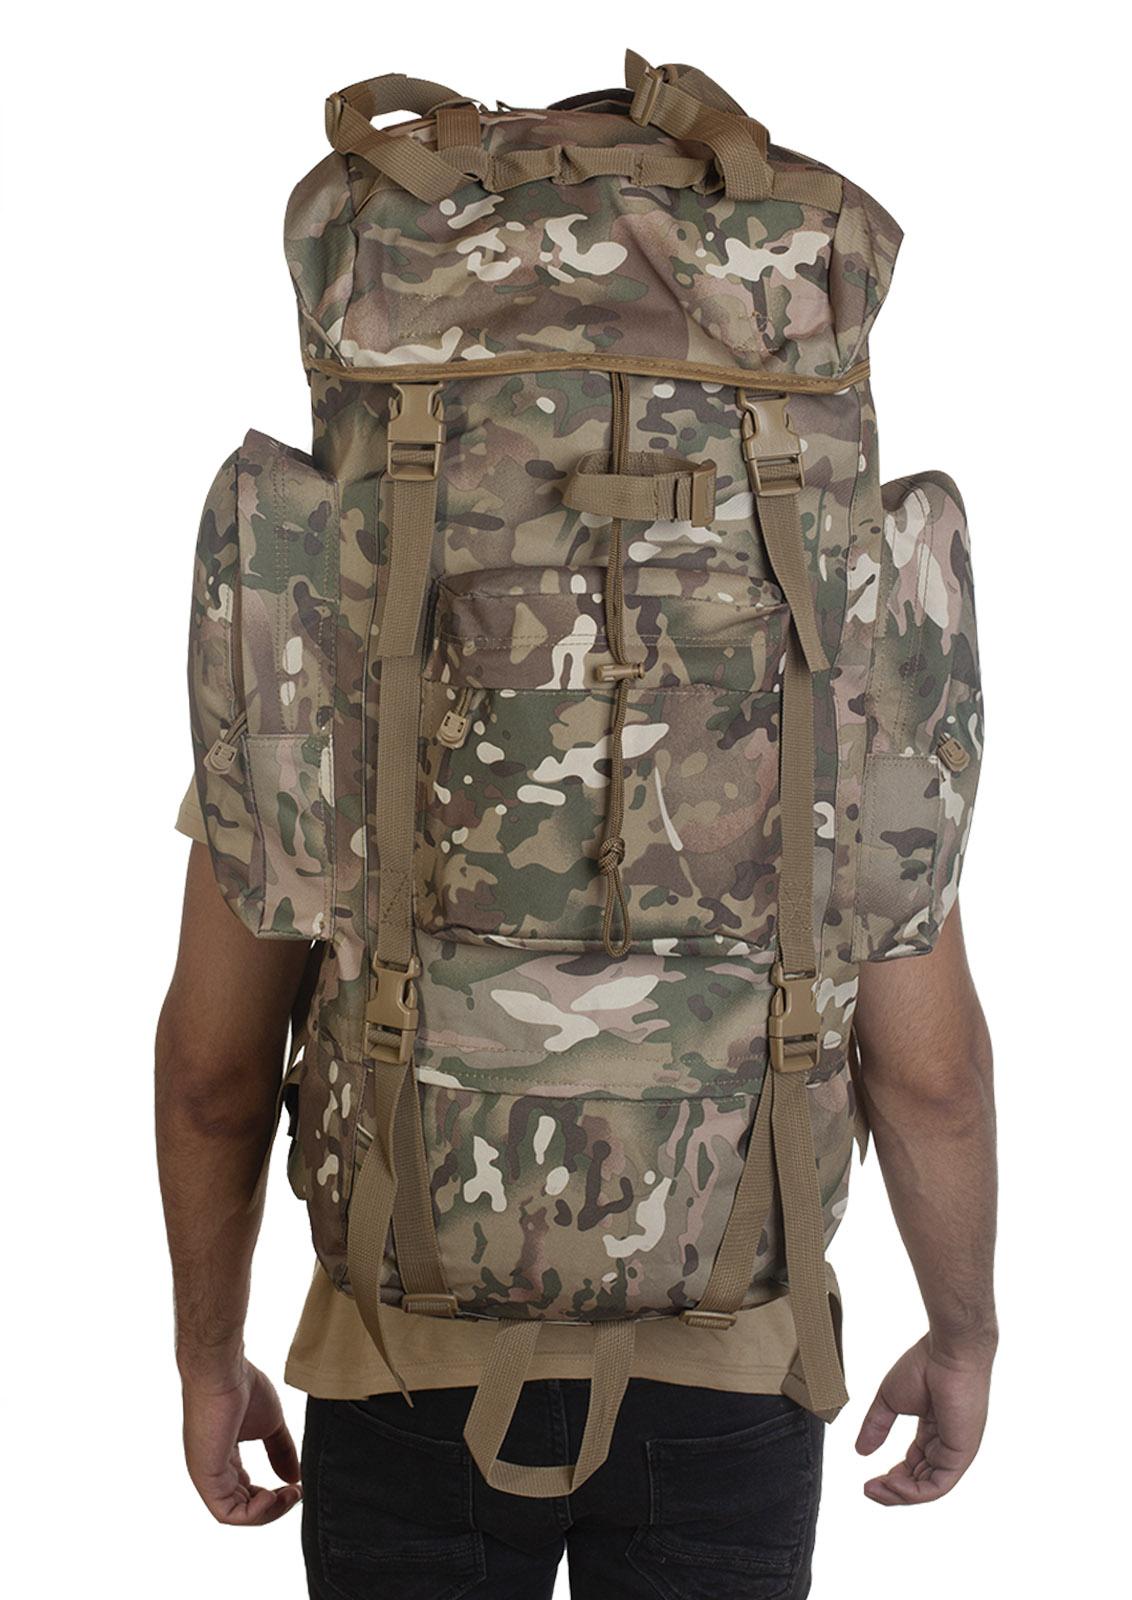 Большой камуфляжный рюкзак Multicam с обвеской MOLLE  - высокое качество